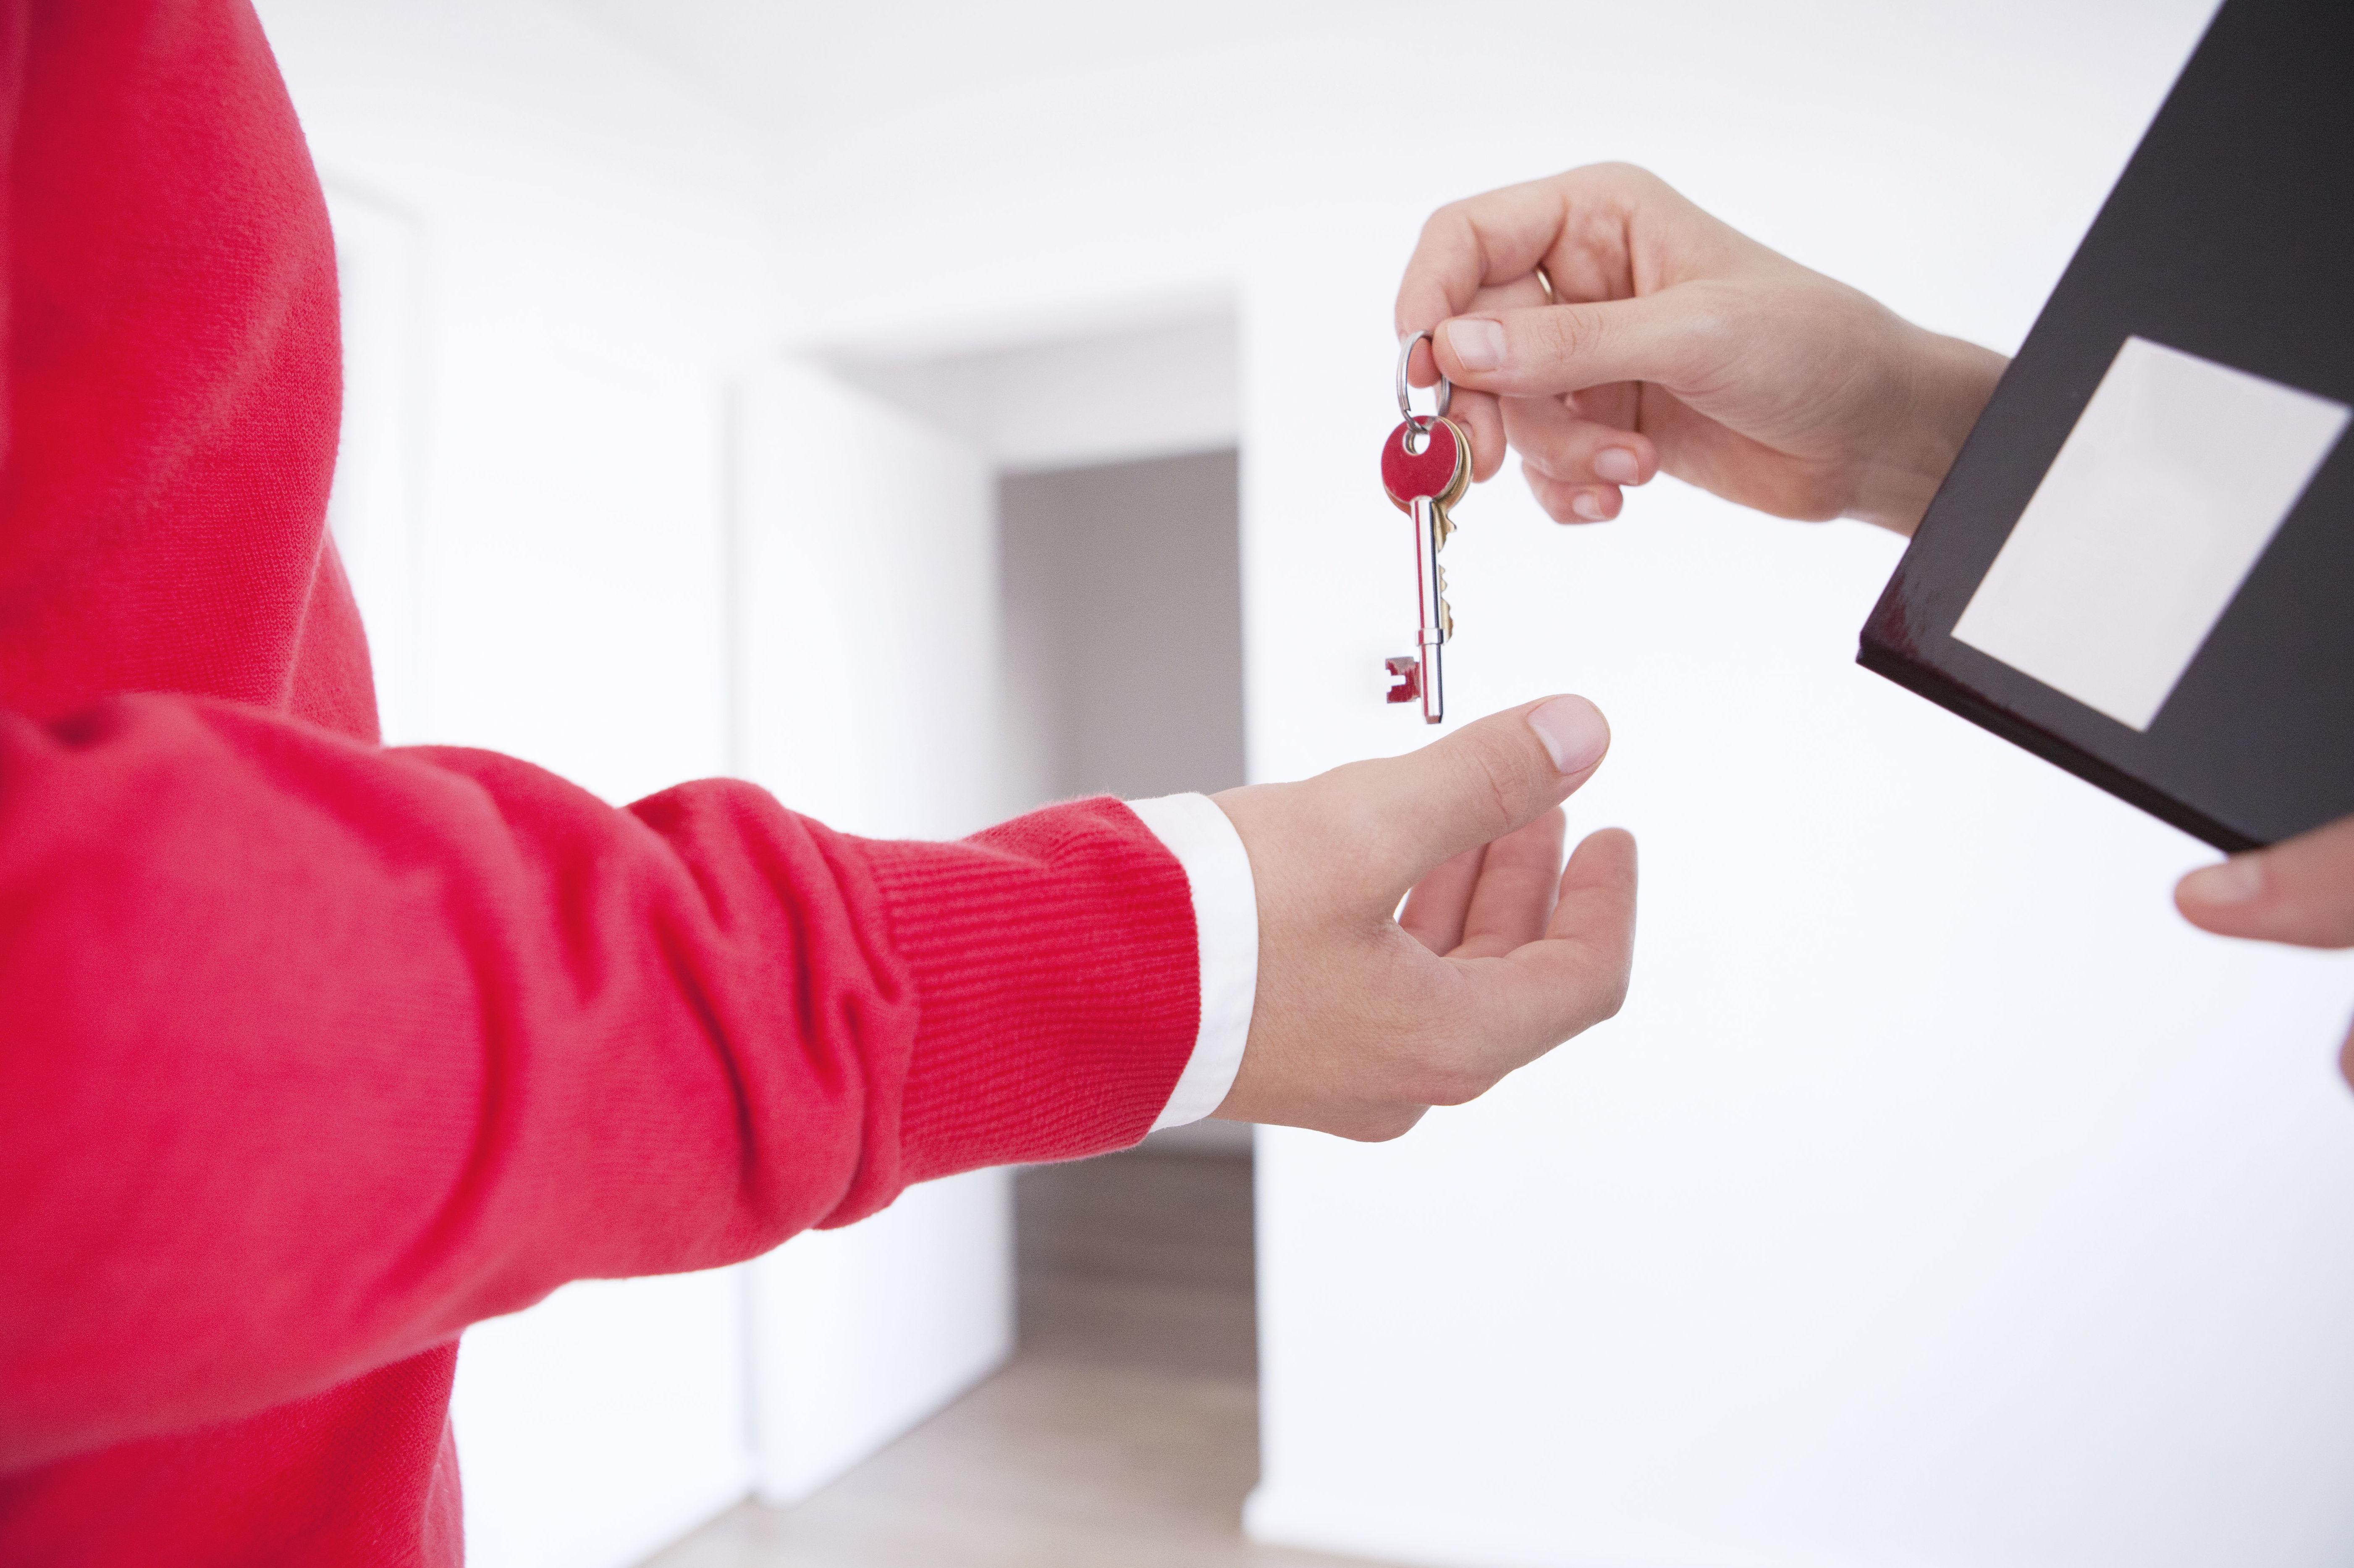 Servicios inmobiliarios en Burgos|Gestoría Mestre